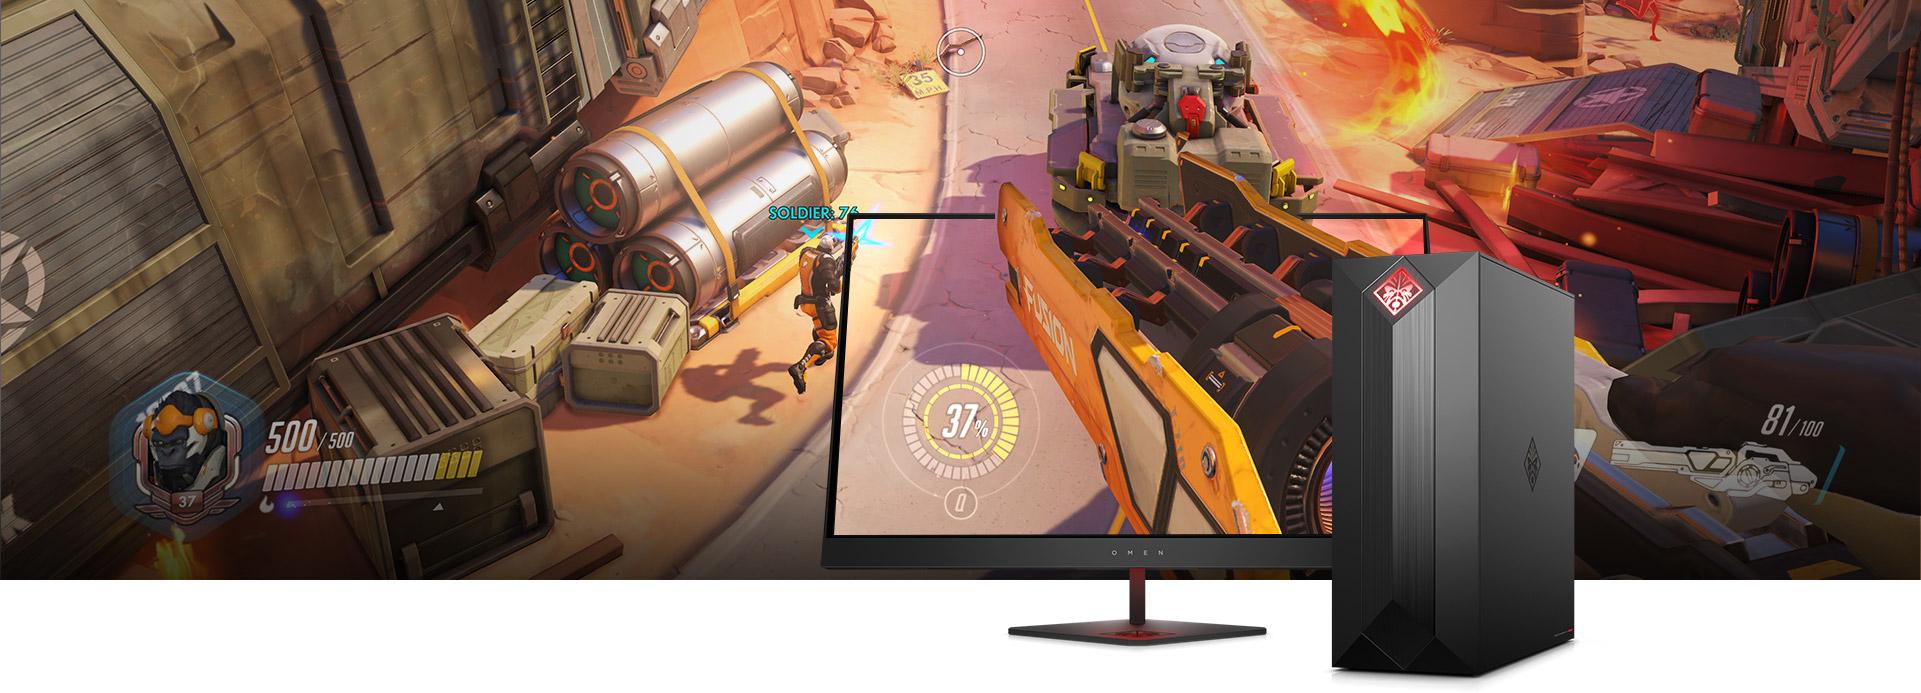 PC Gaming Huesca